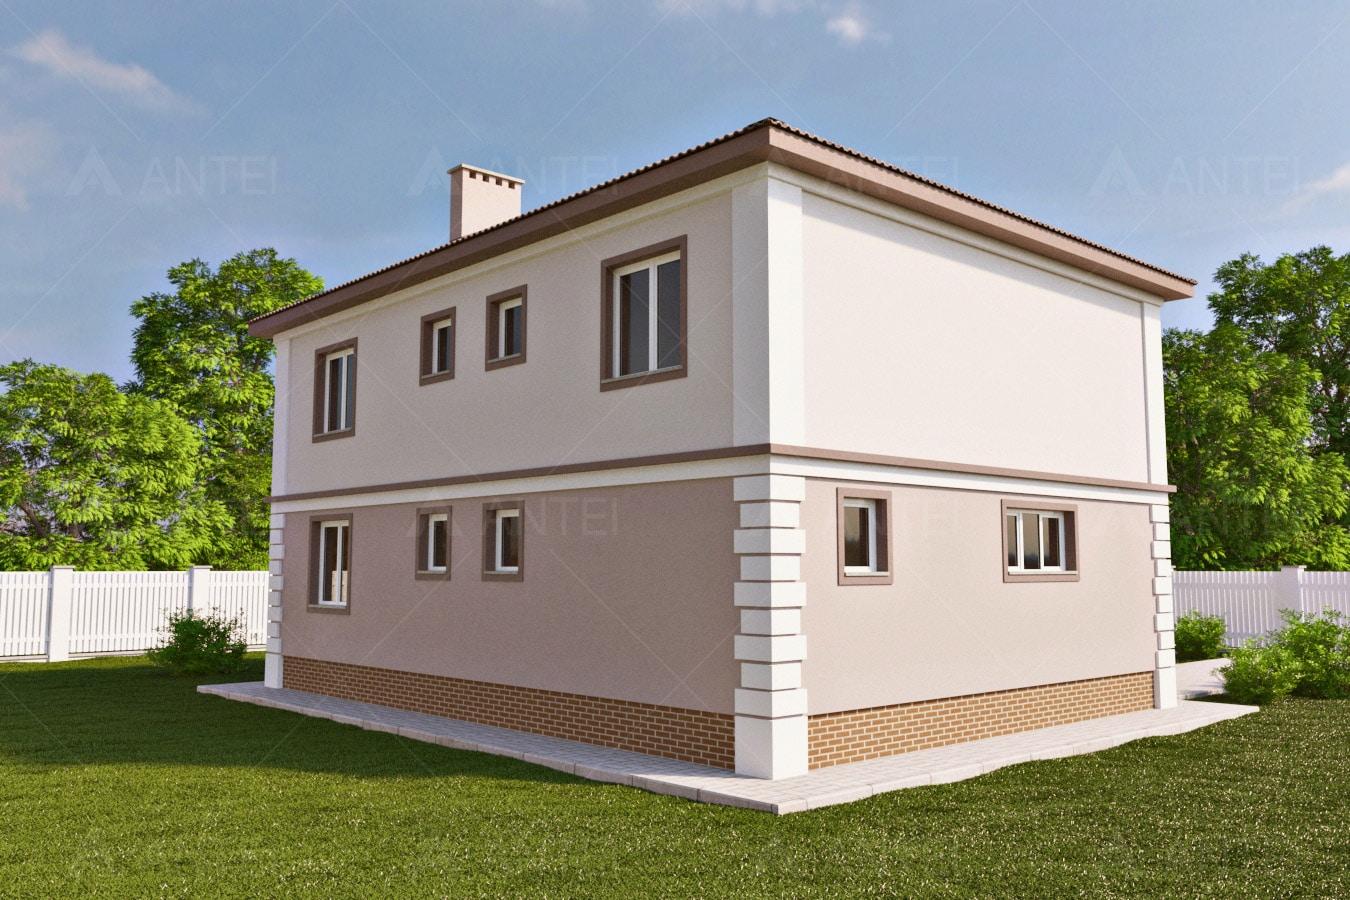 Проект двухэтажного дома с гаражом, террасой и балконом «КД-29» - фото №2